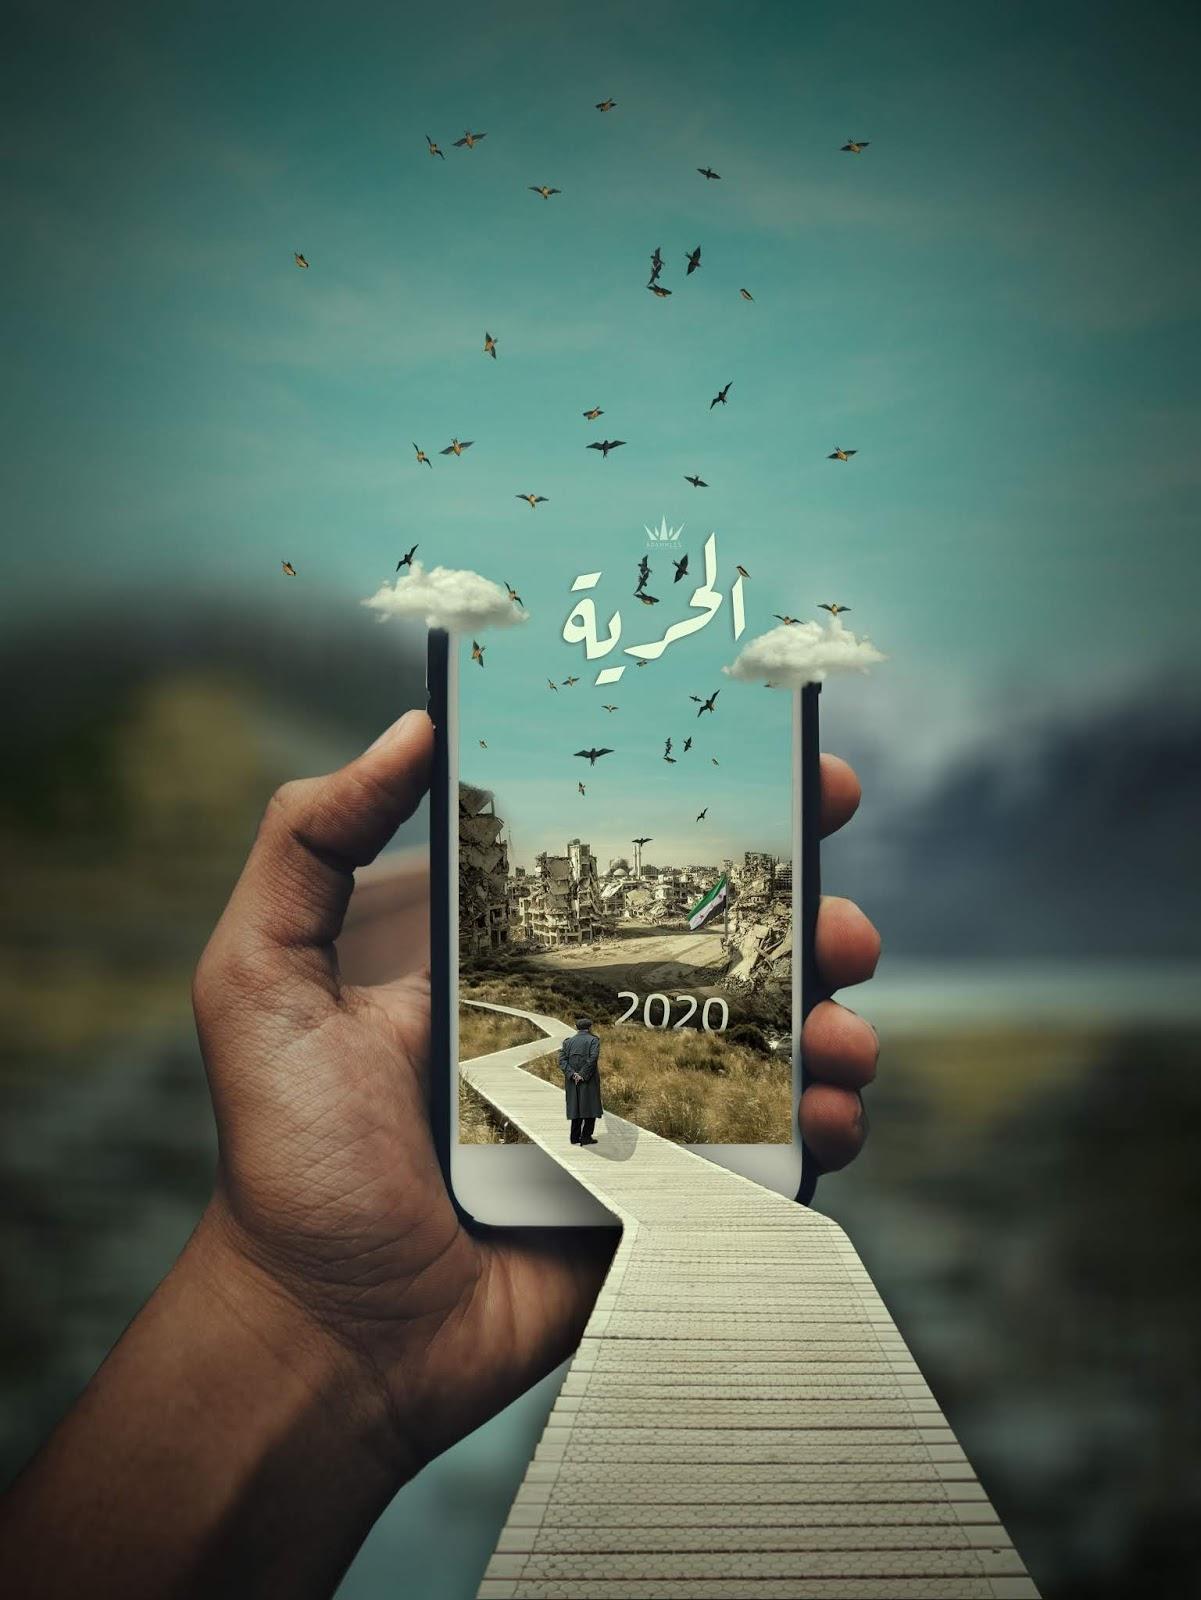 سوريا 2020